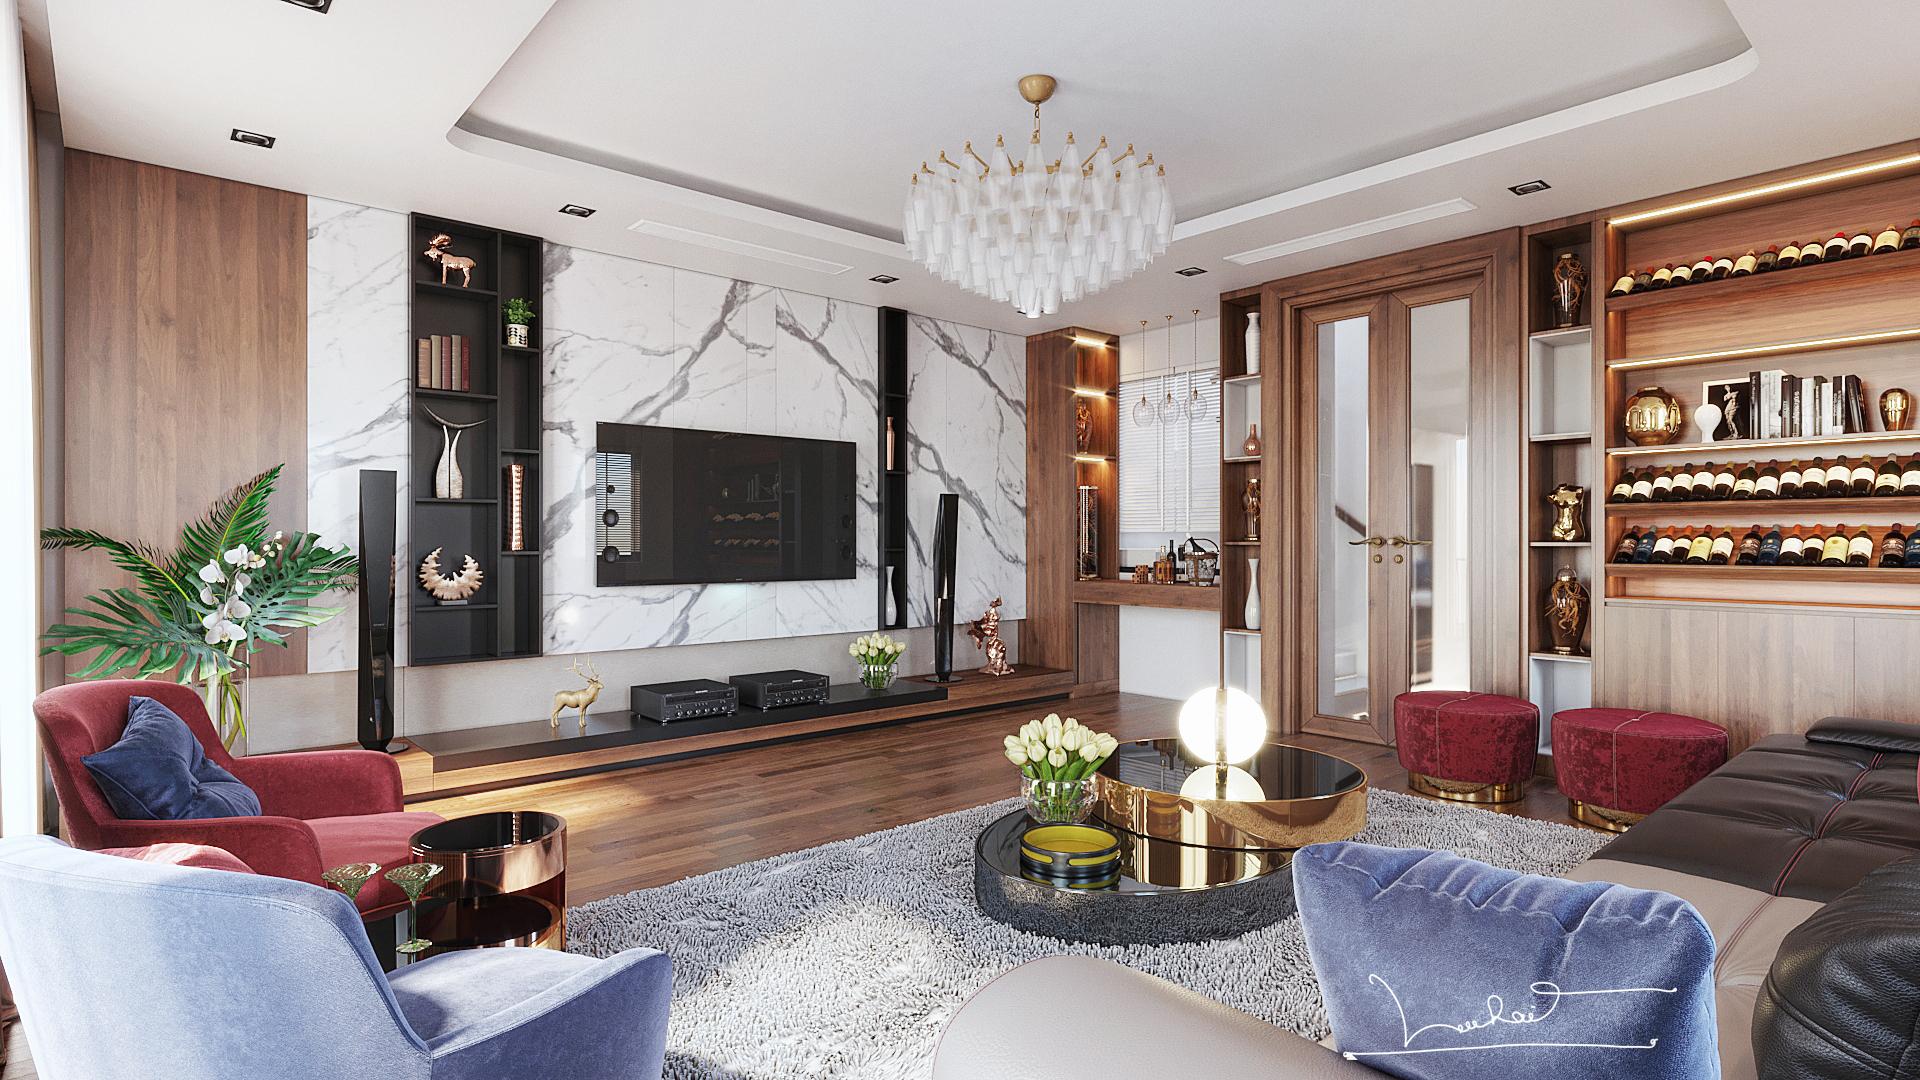 Thiết kế nội thất Biệt Thự tại Sơn La INTERIORO _02 1575334956 0